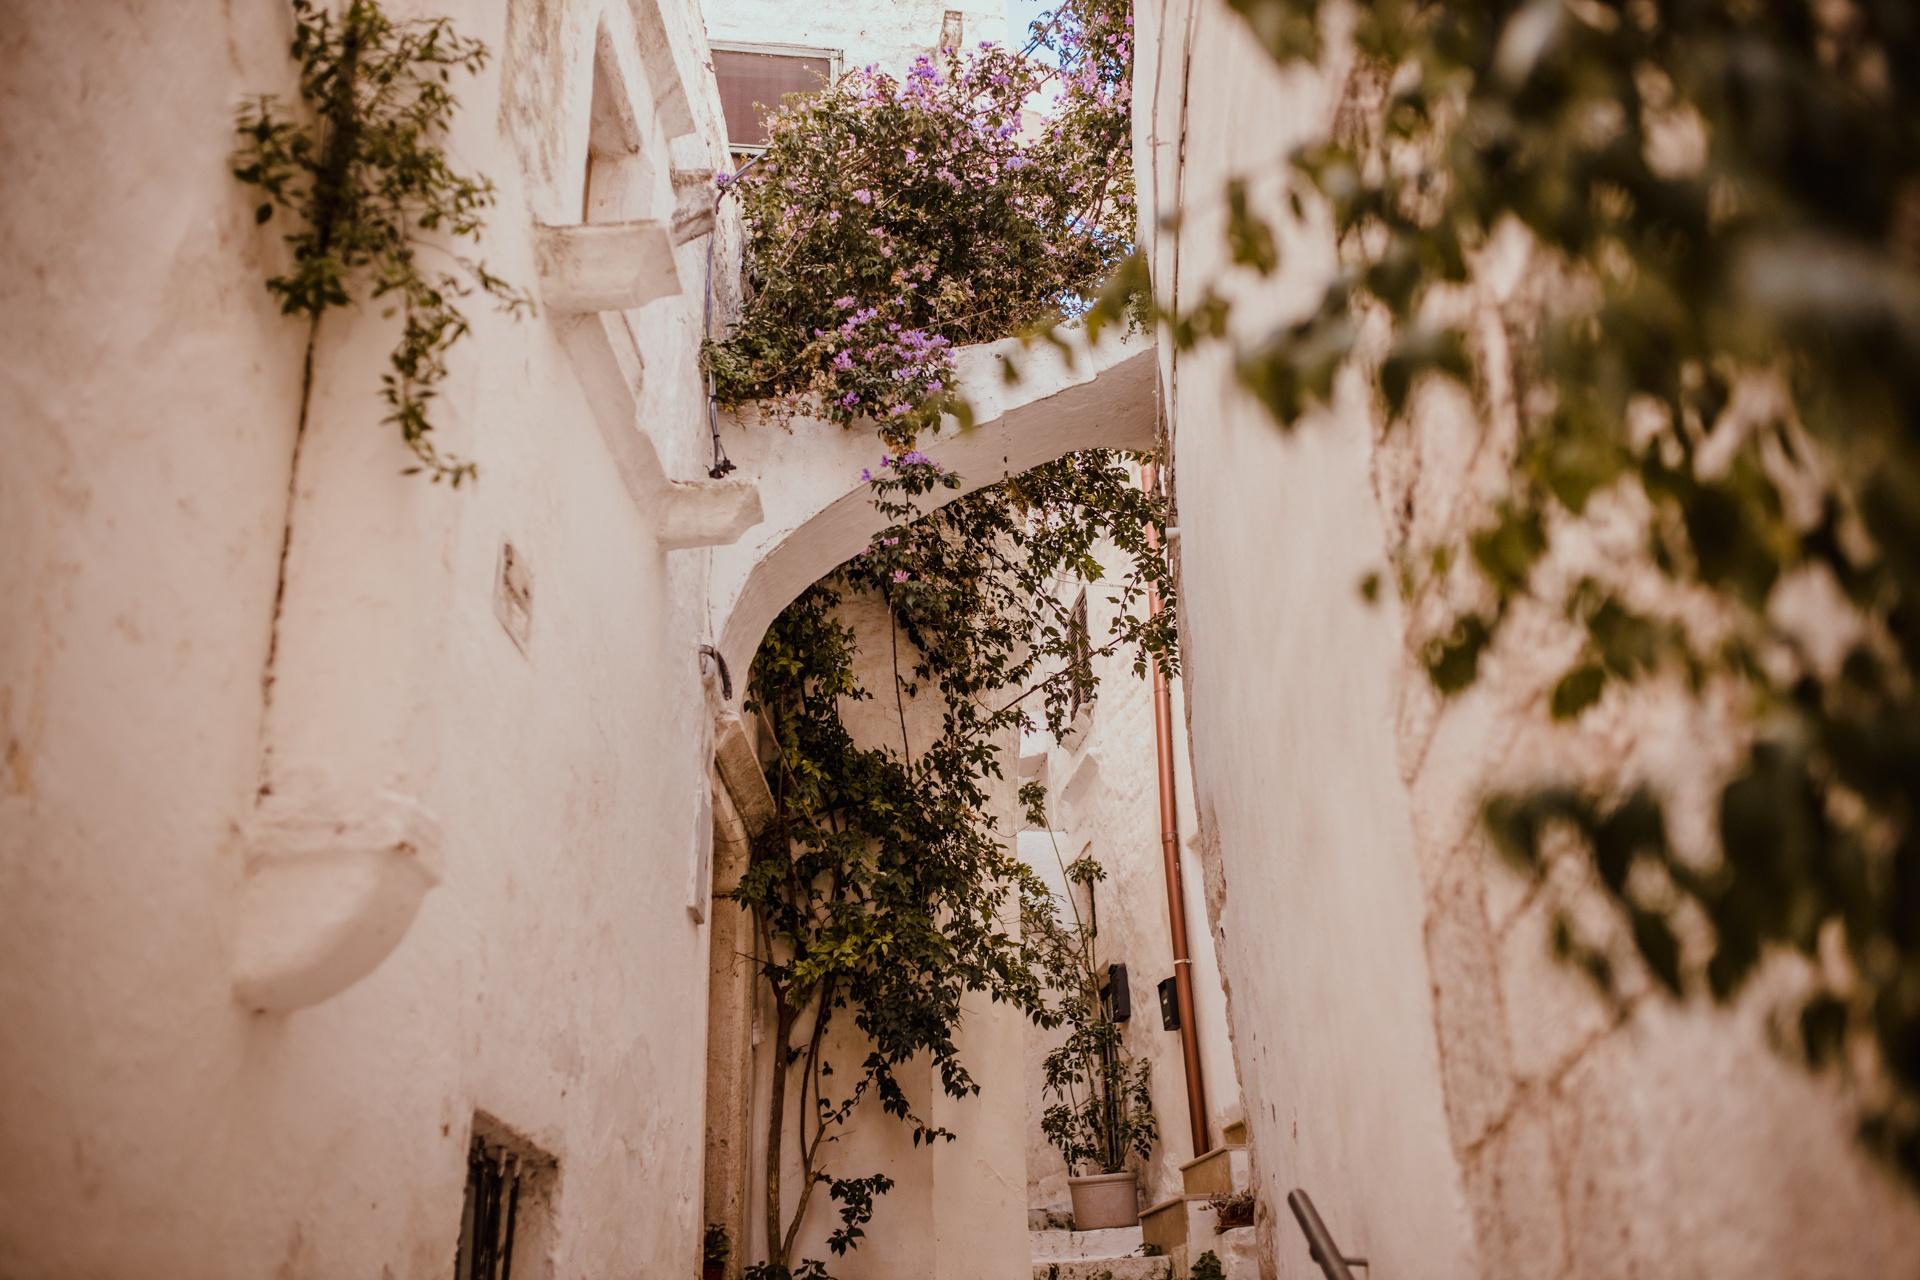 Co warto zobaczyć w Apulii?